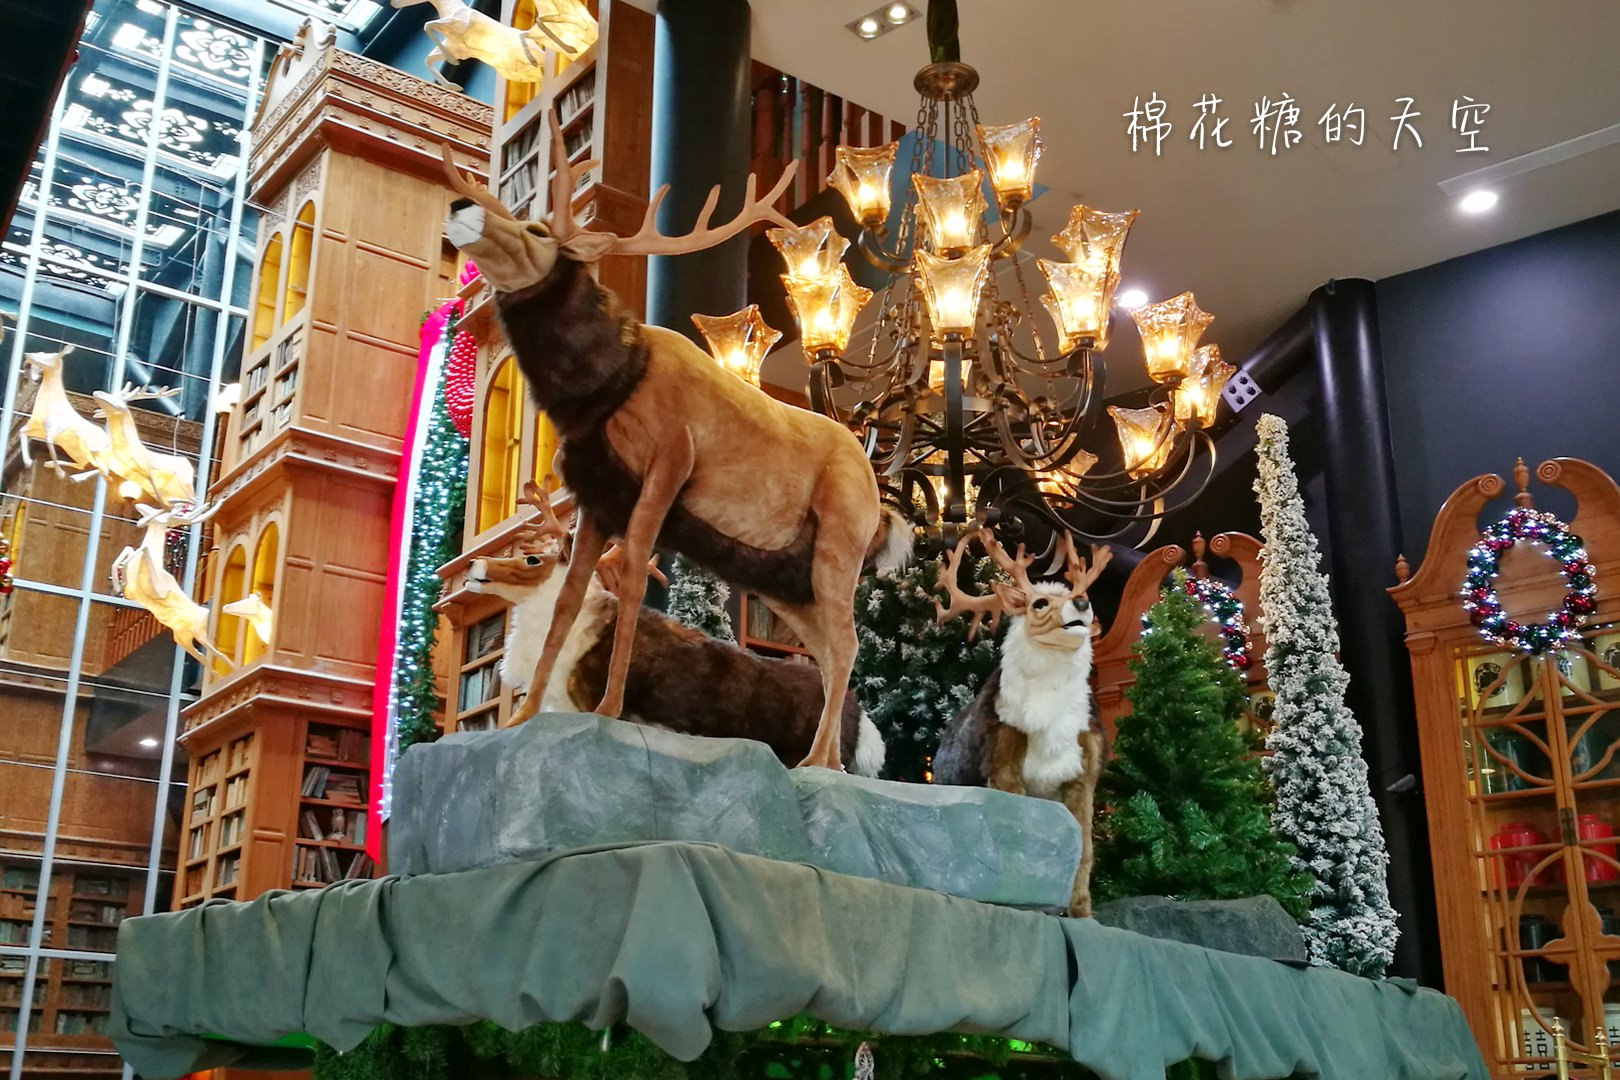 宮原眼科華麗過聖誕!浮誇系聖誕裝飾還會唱歌喔!